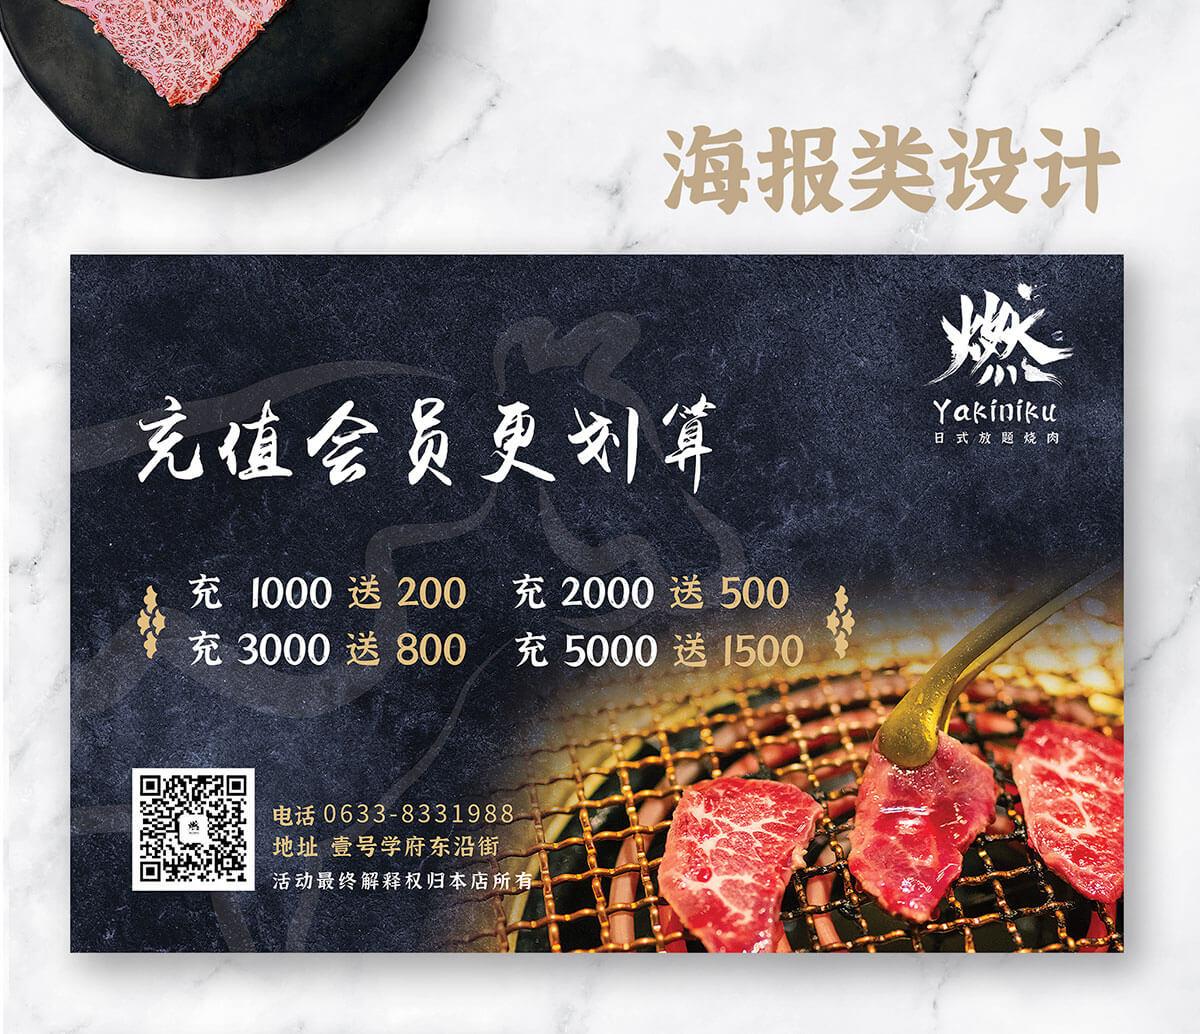 燃-Yakiniku-日式放题烧肉